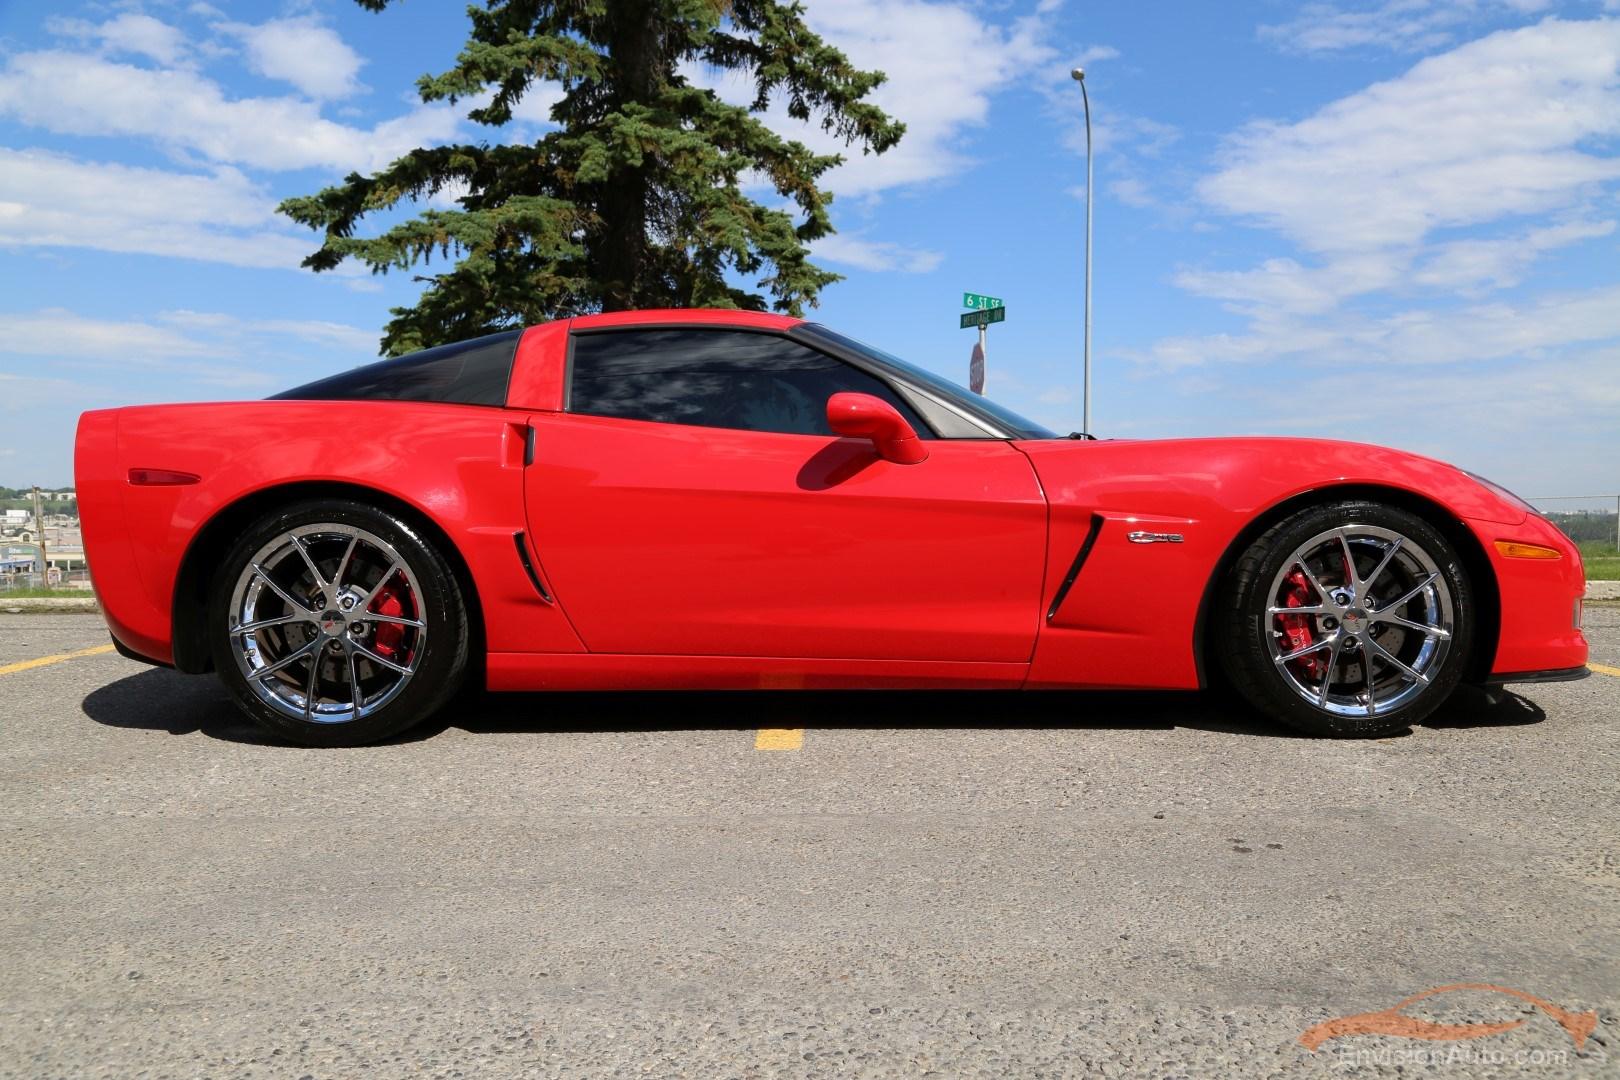 2010 Chevrolet Corvette Z06 3lz Chrome Spider Wheels Envision Auto